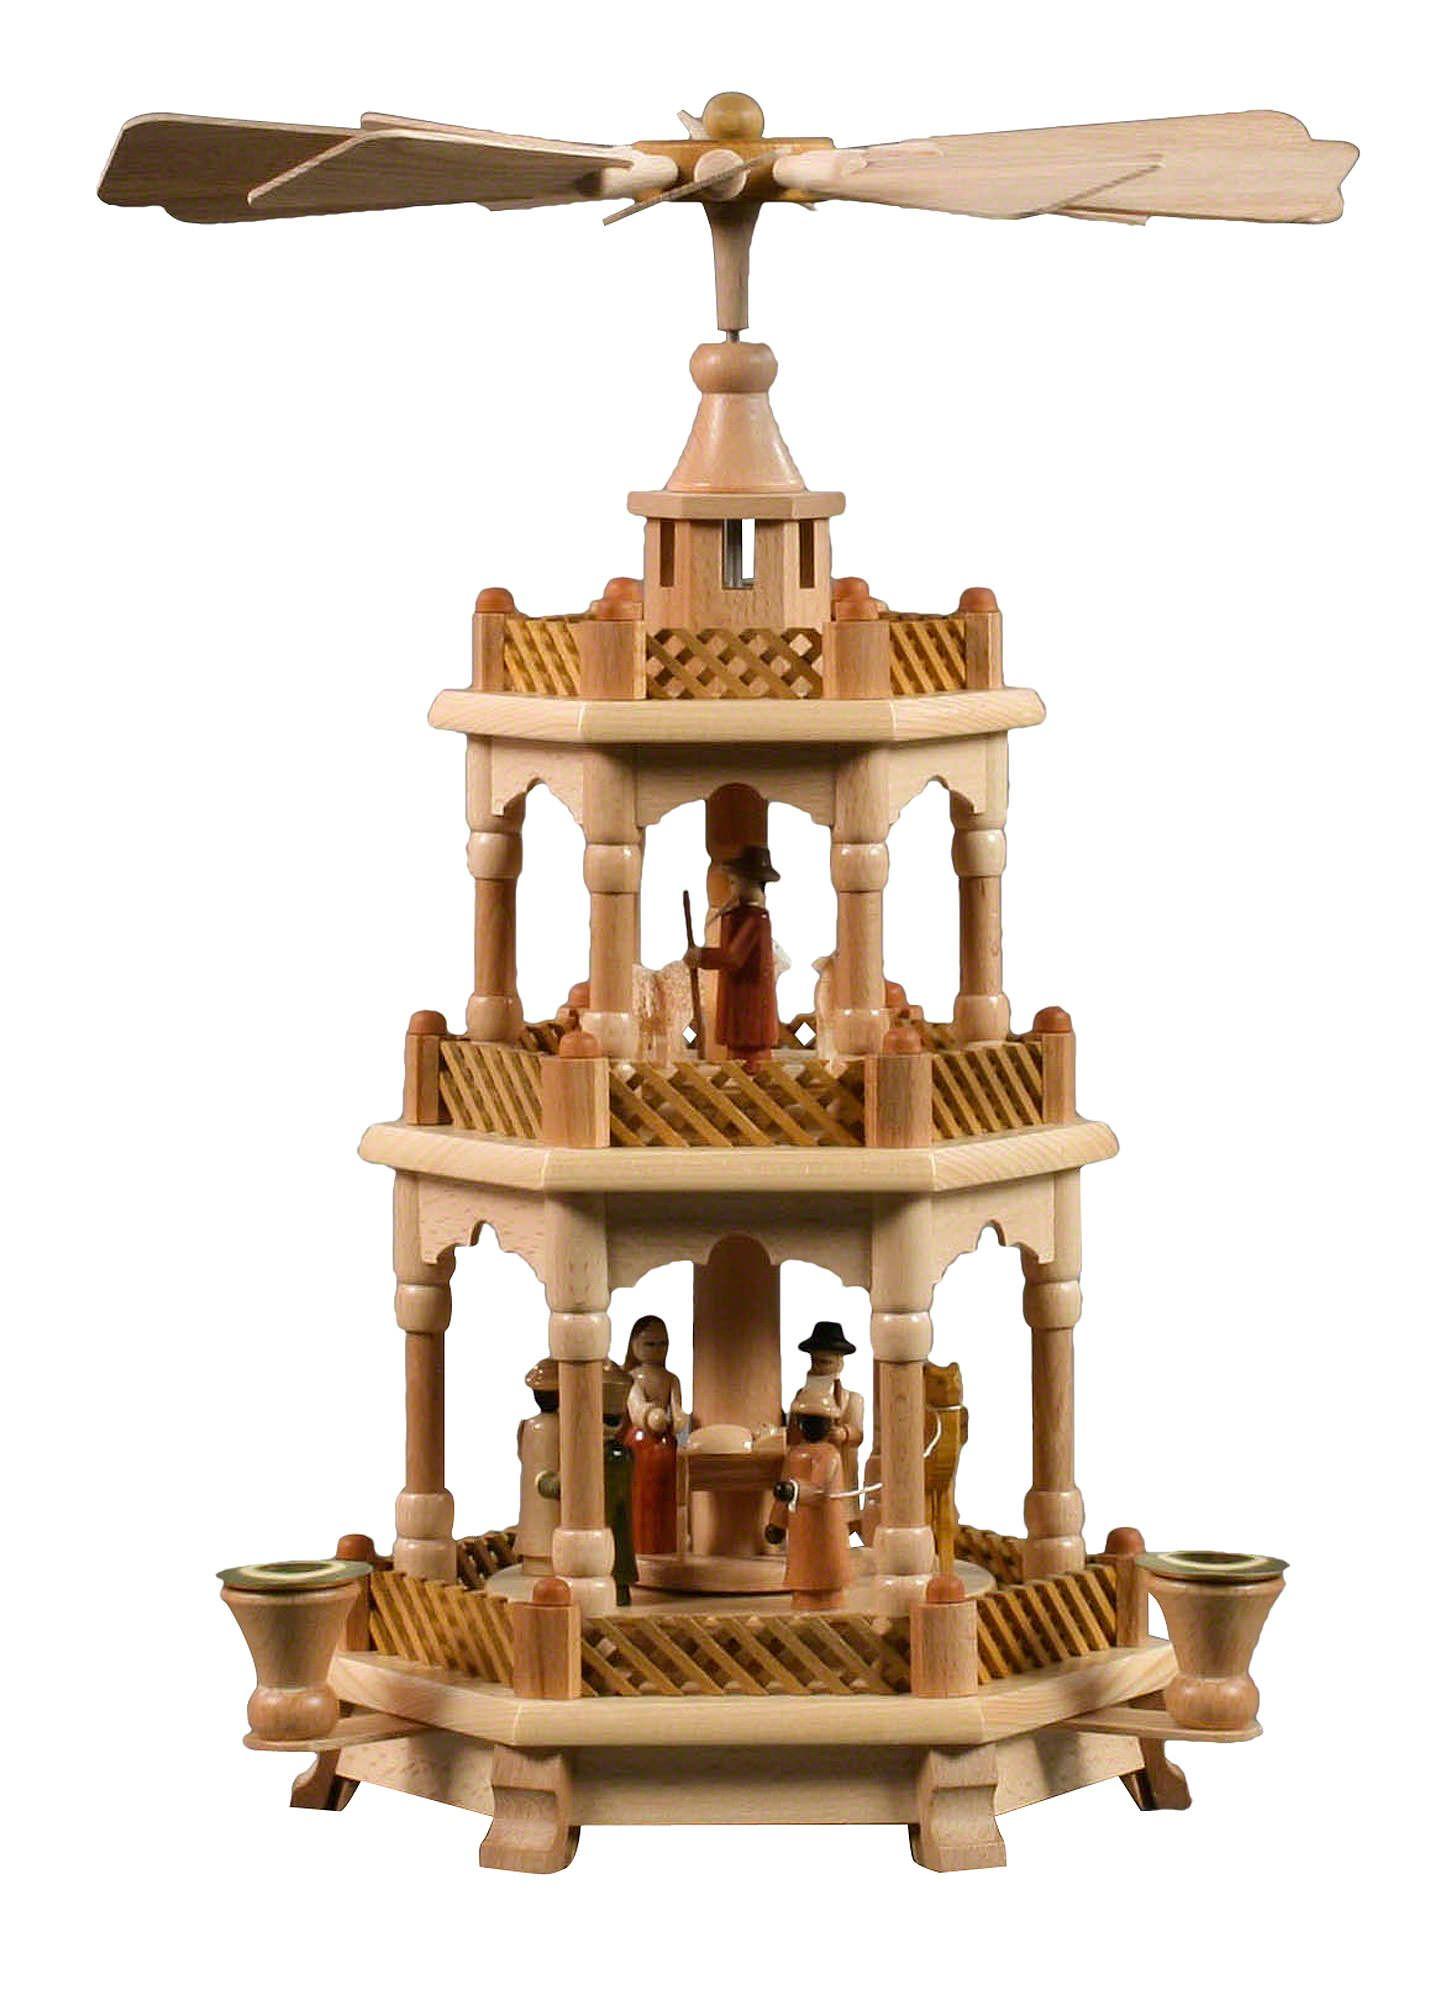 wundersch ne traditionelle weihnachtspyramide aus dem erzgebirge weihnachtspyramiden. Black Bedroom Furniture Sets. Home Design Ideas